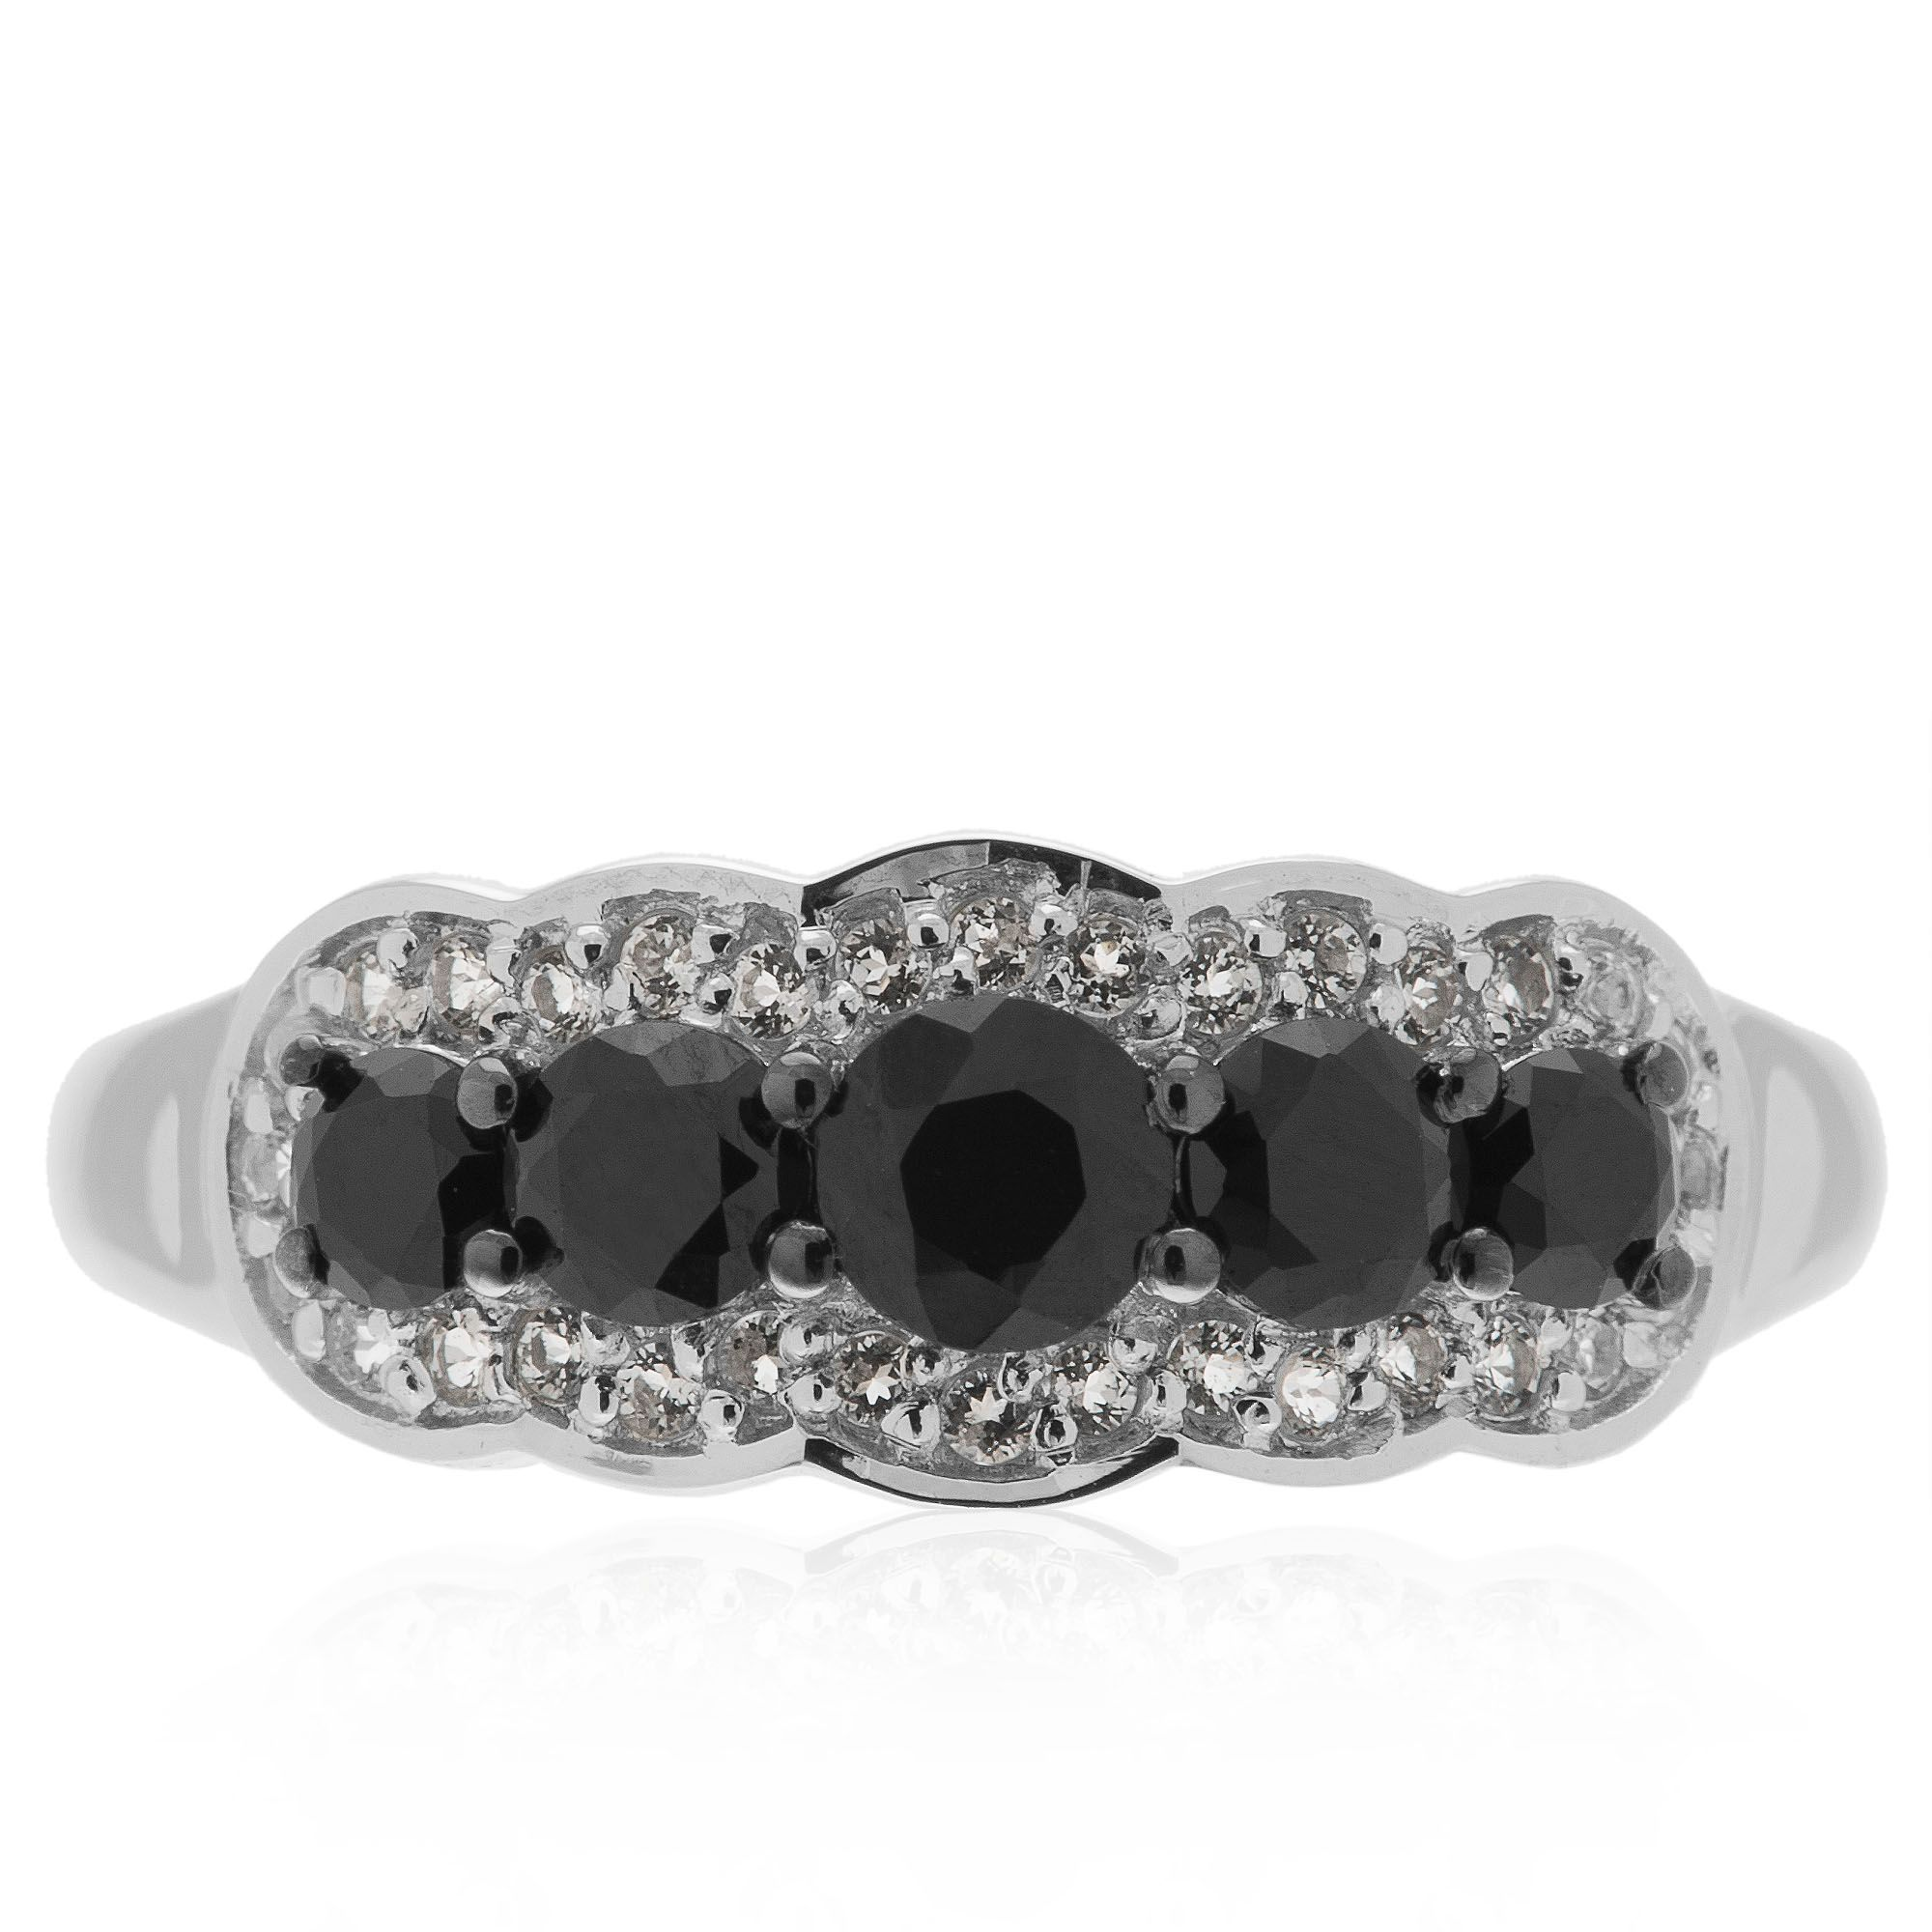 Midnight anello in argento 925 con topazi incolori e - Qvc marchi cucina ...